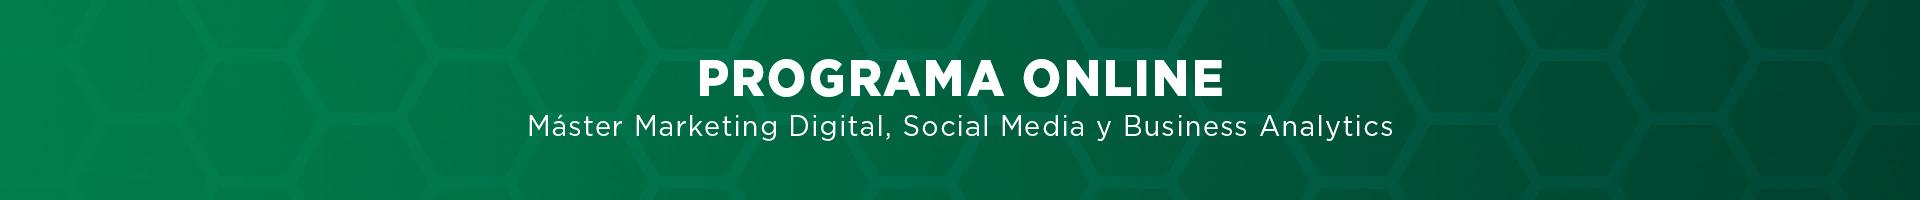 programa-master-marketing-digital-online